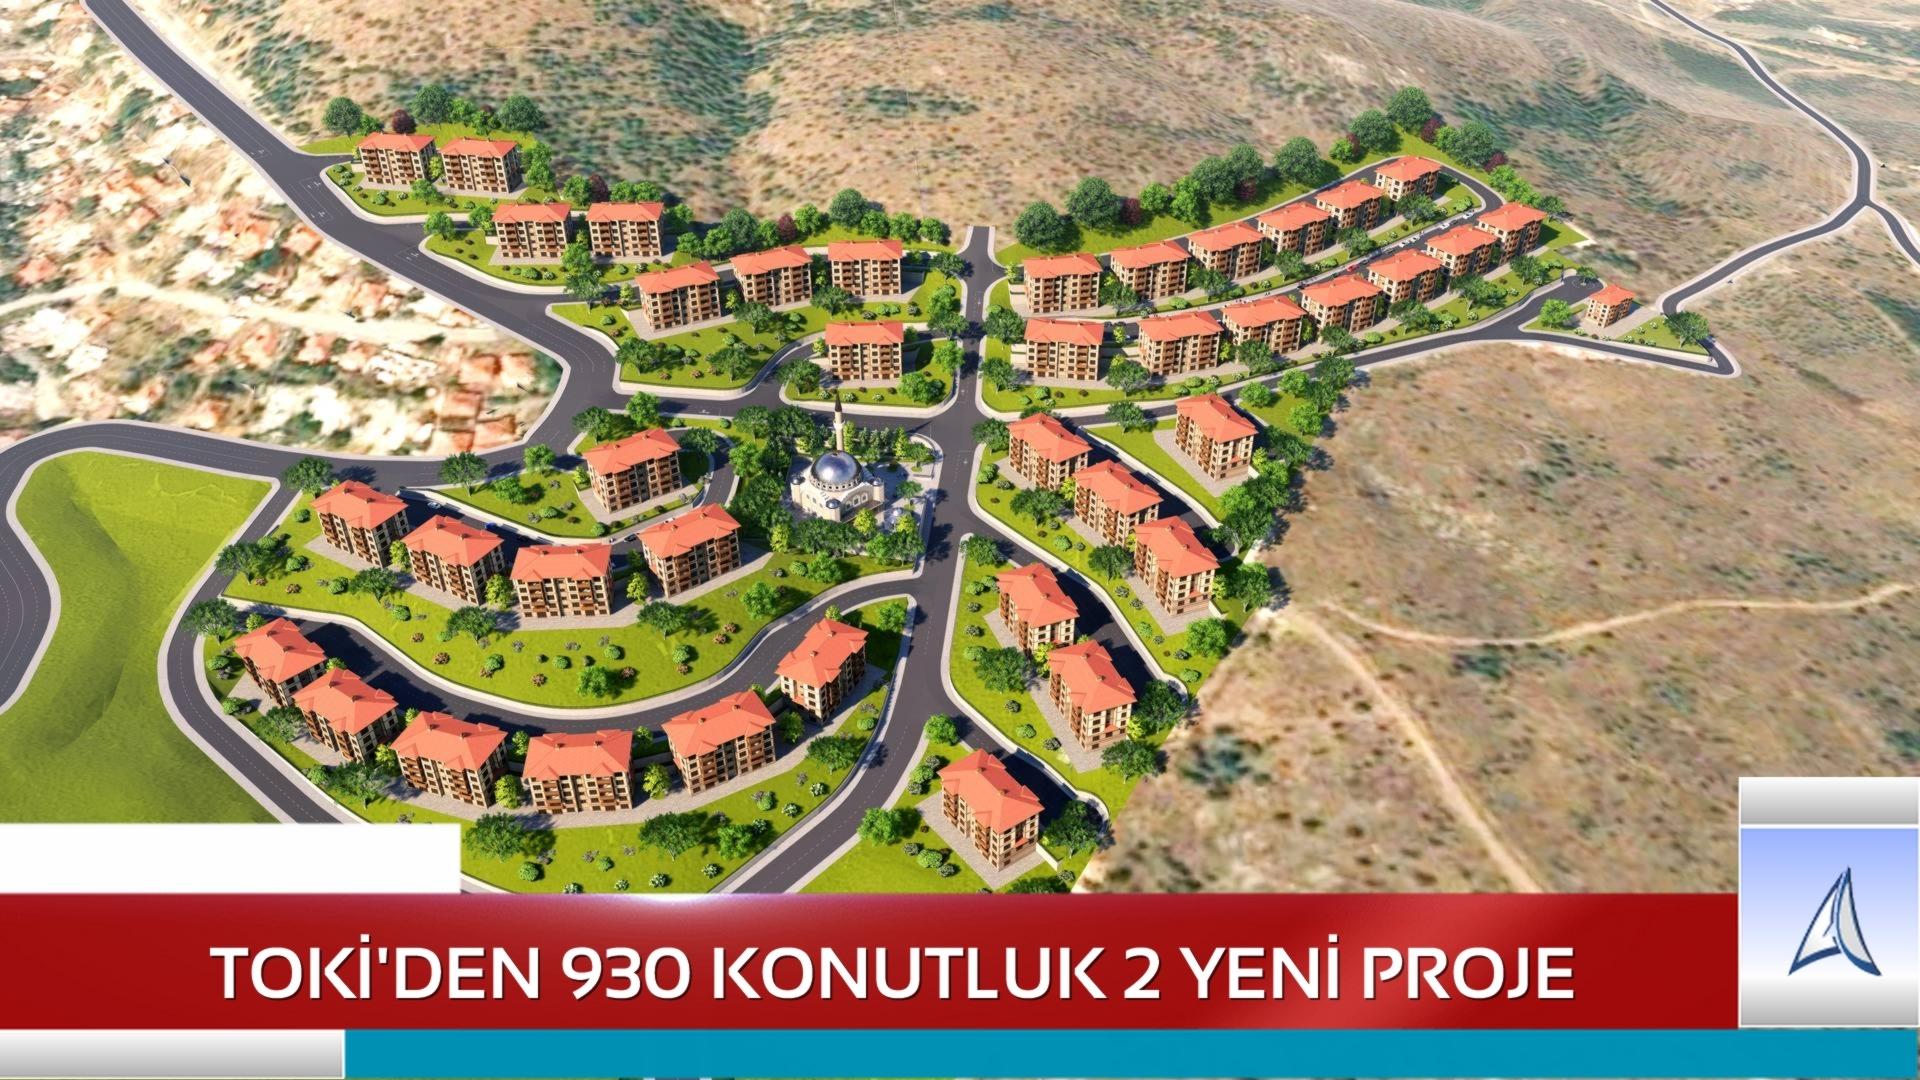 TOKİ'den Toplam 930 Konutluk 2 Yeni Proje…